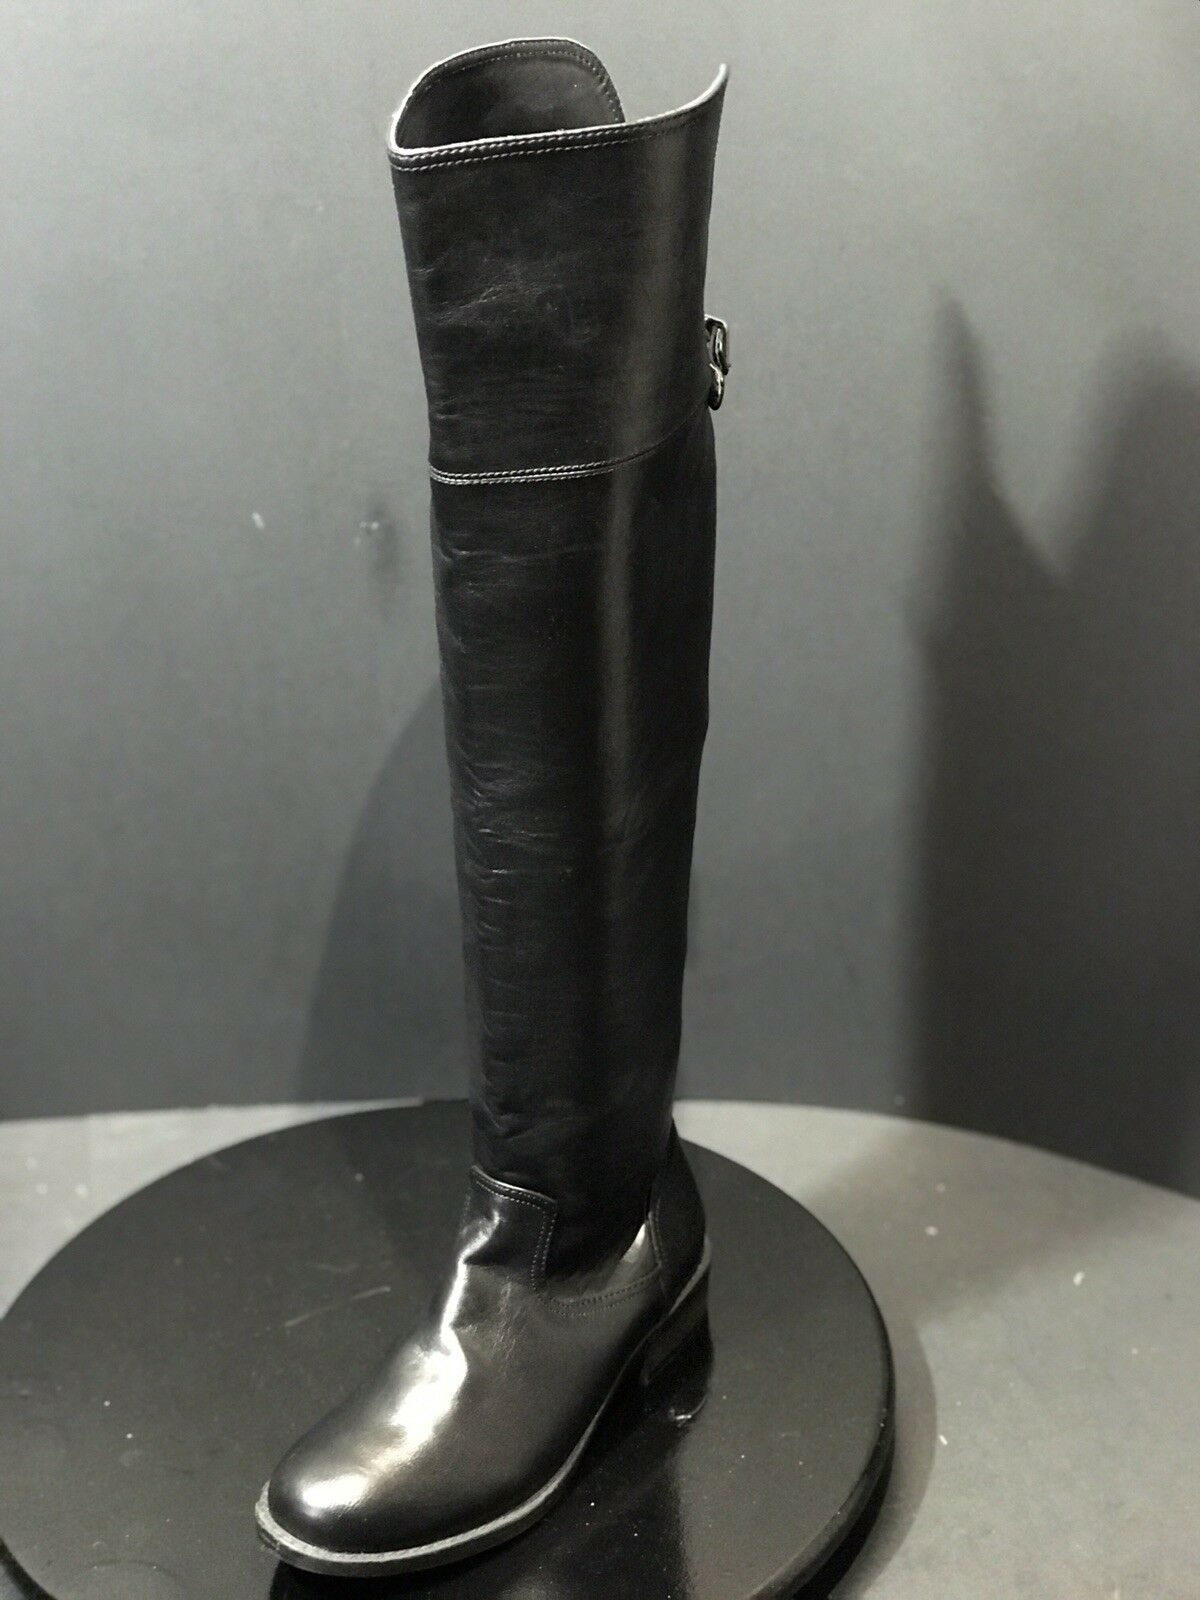 NUEVO Zigi SOHO Octavia sobre la rodilla botas de piel sintética negro tamaño nos 6 M Nuevo